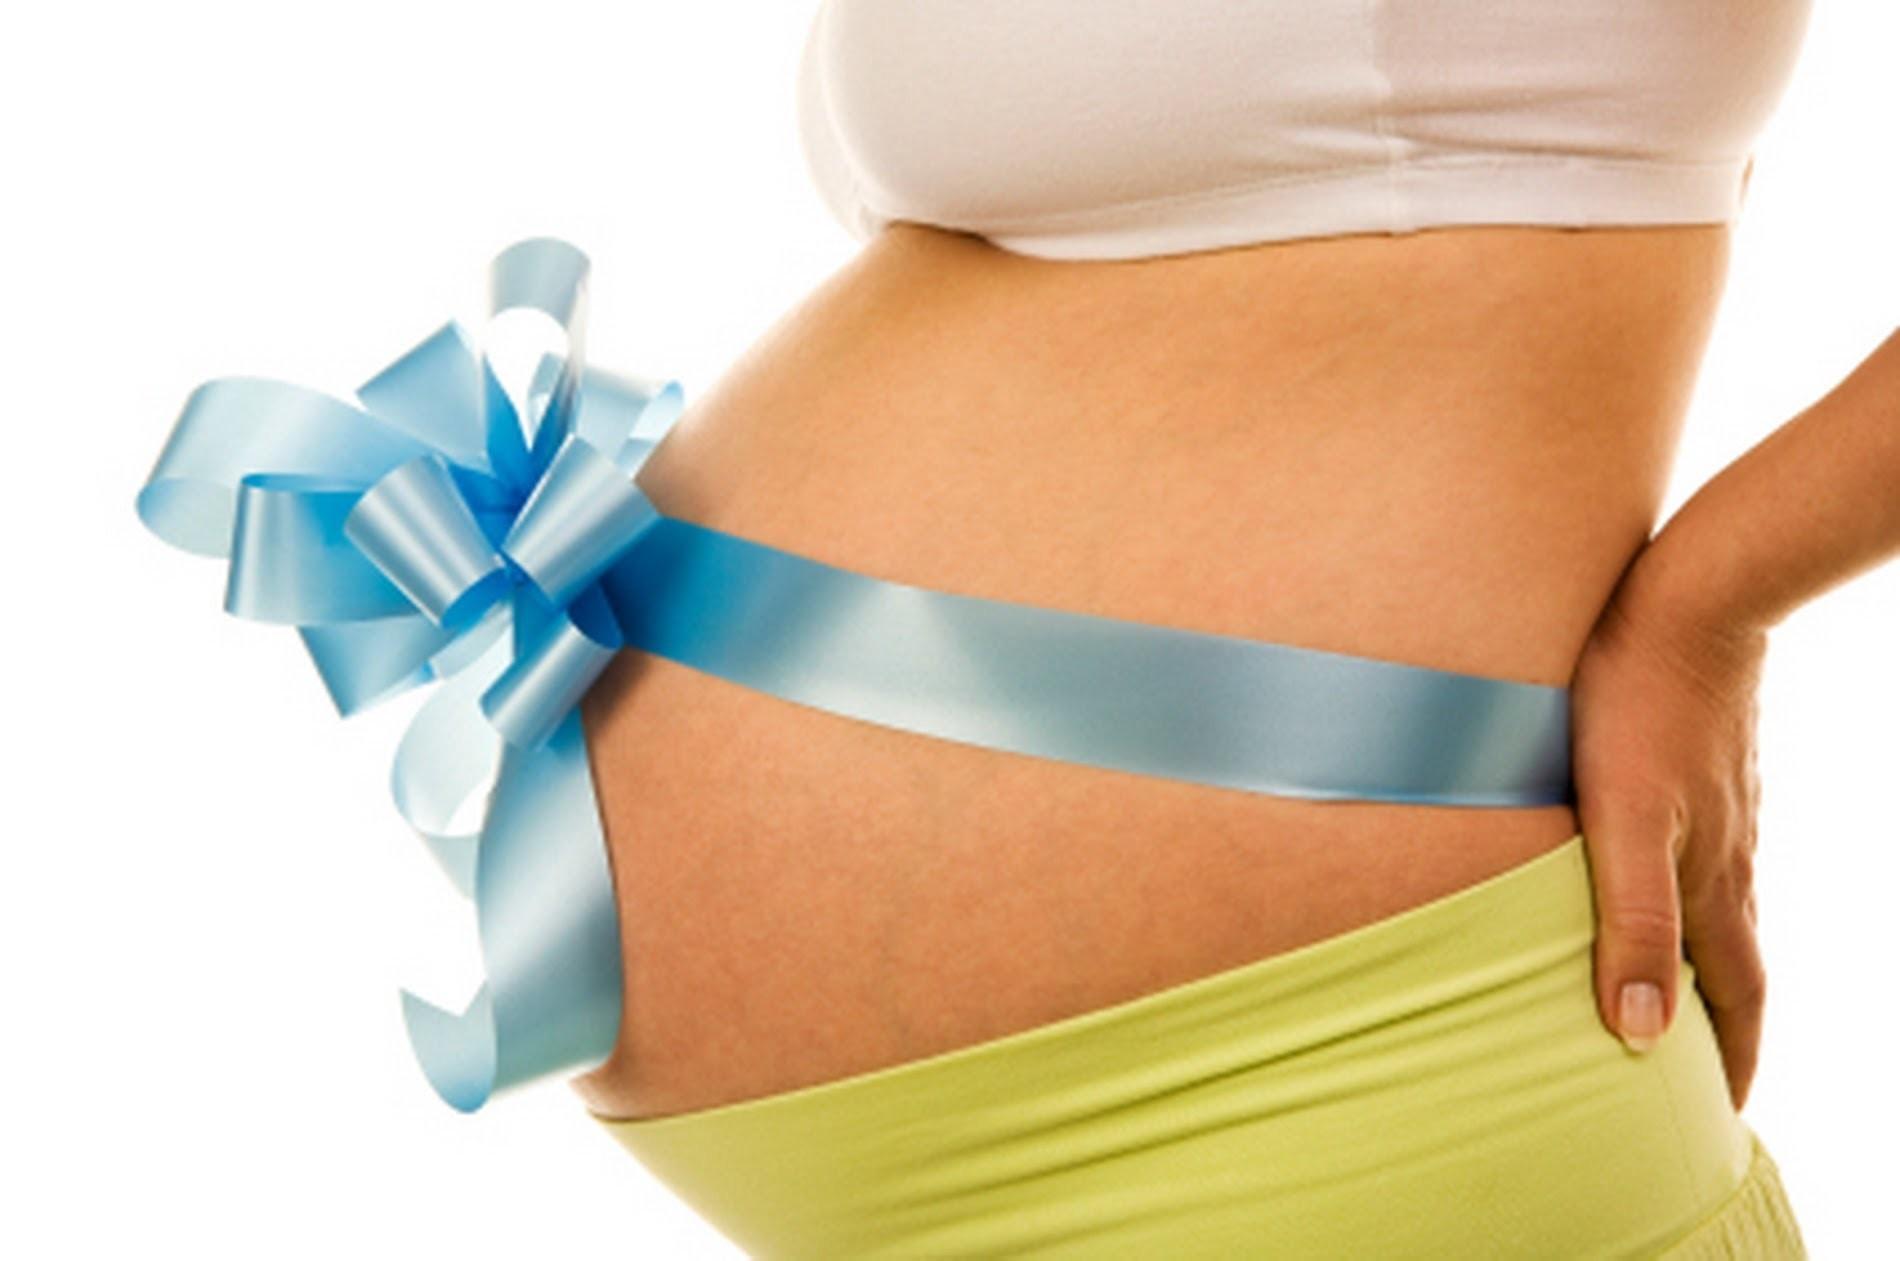 Ученые Зачатие детей в декабре обеспечивает успешные роды